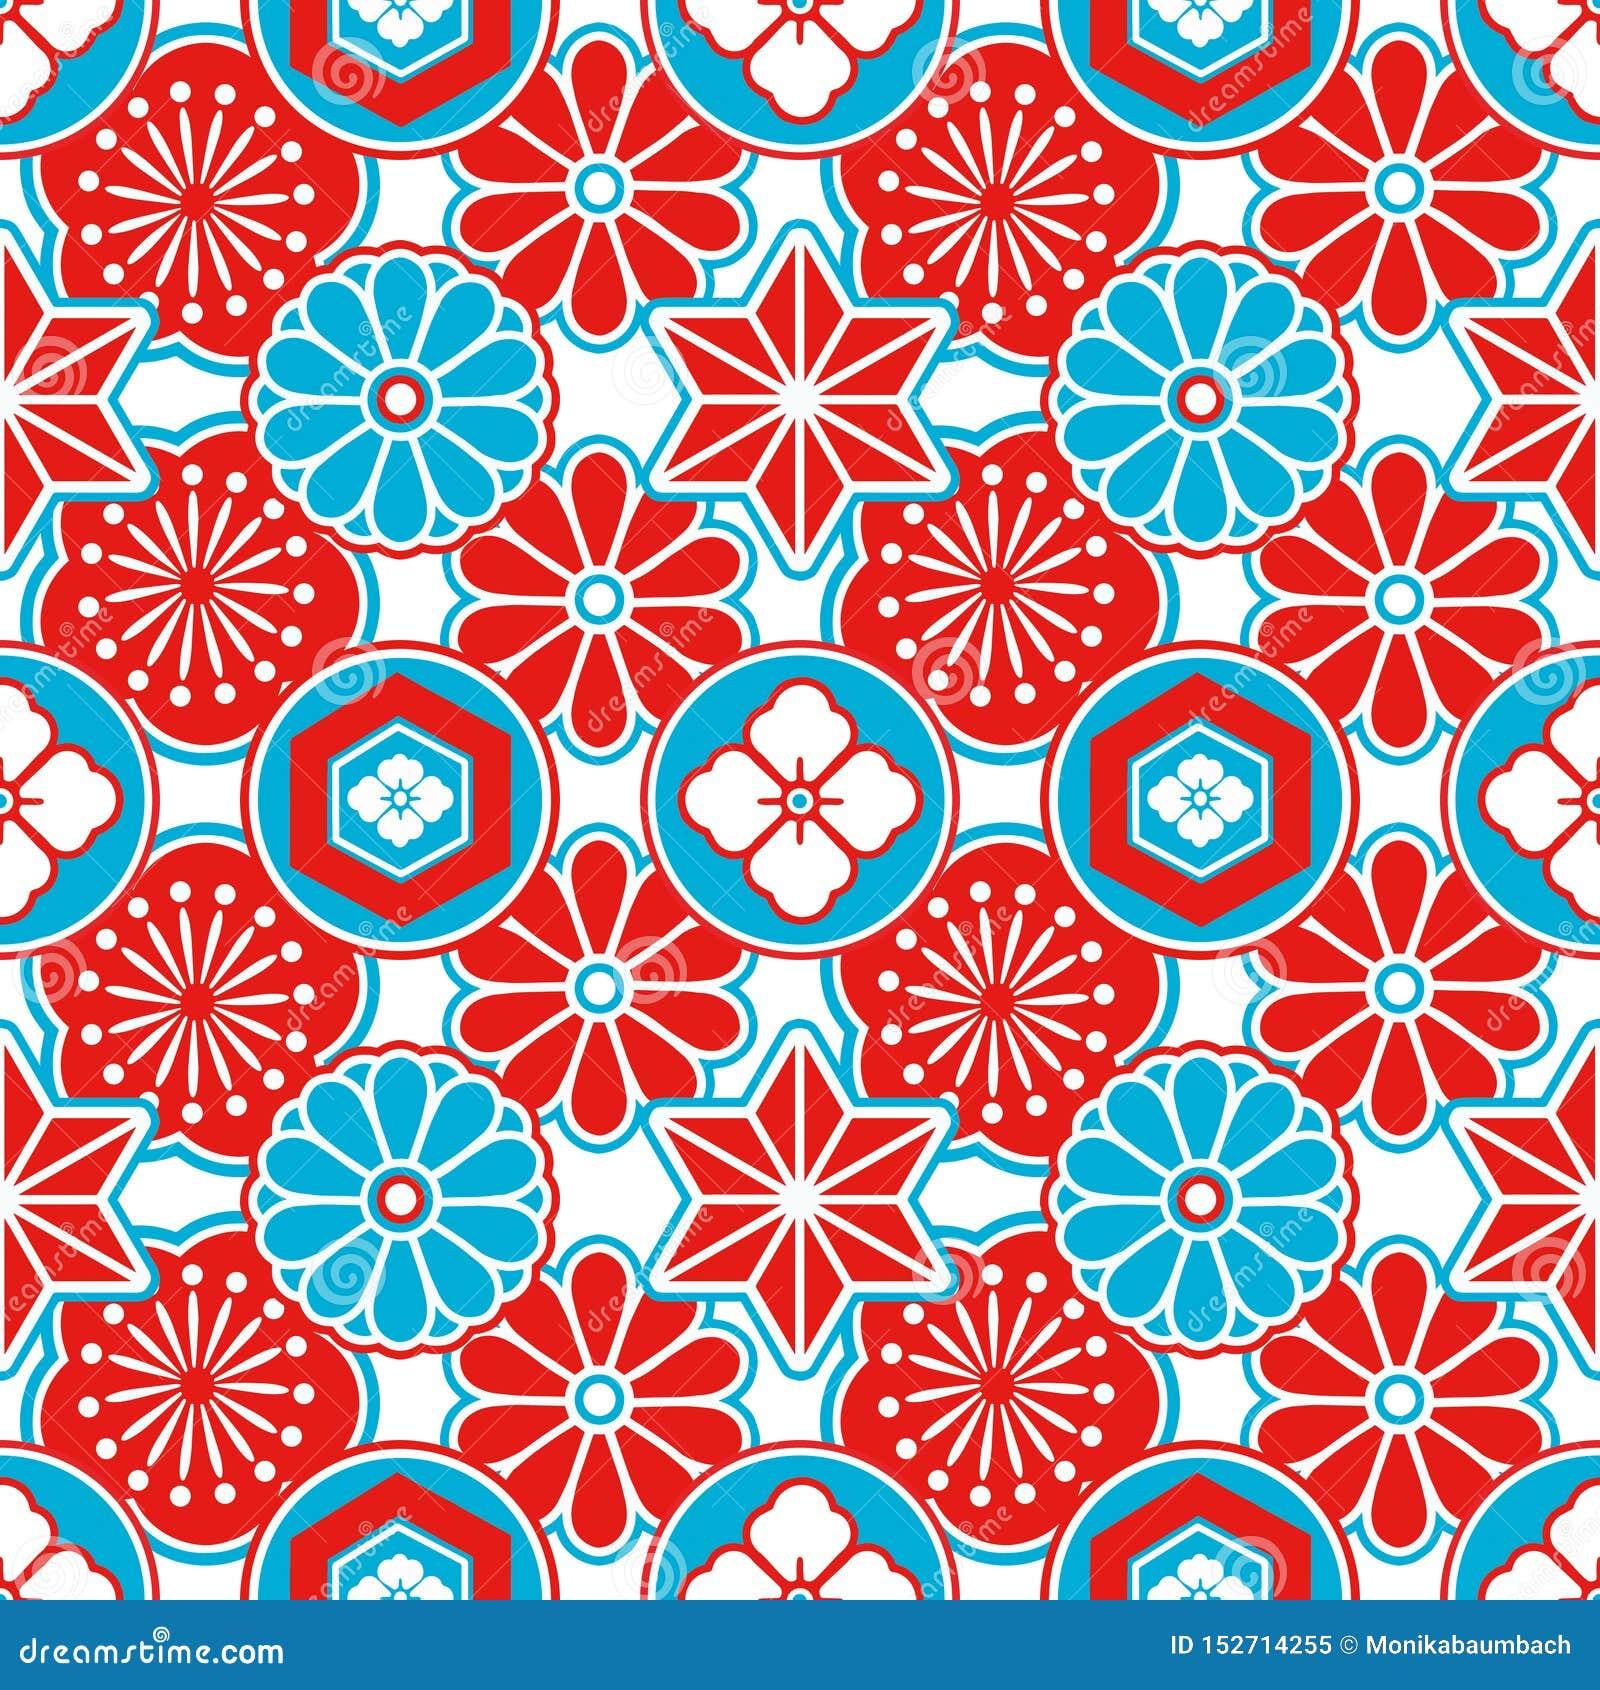 Fiori ornamentali illustrazioni vettoriali e clipart for Fiori ornamentali